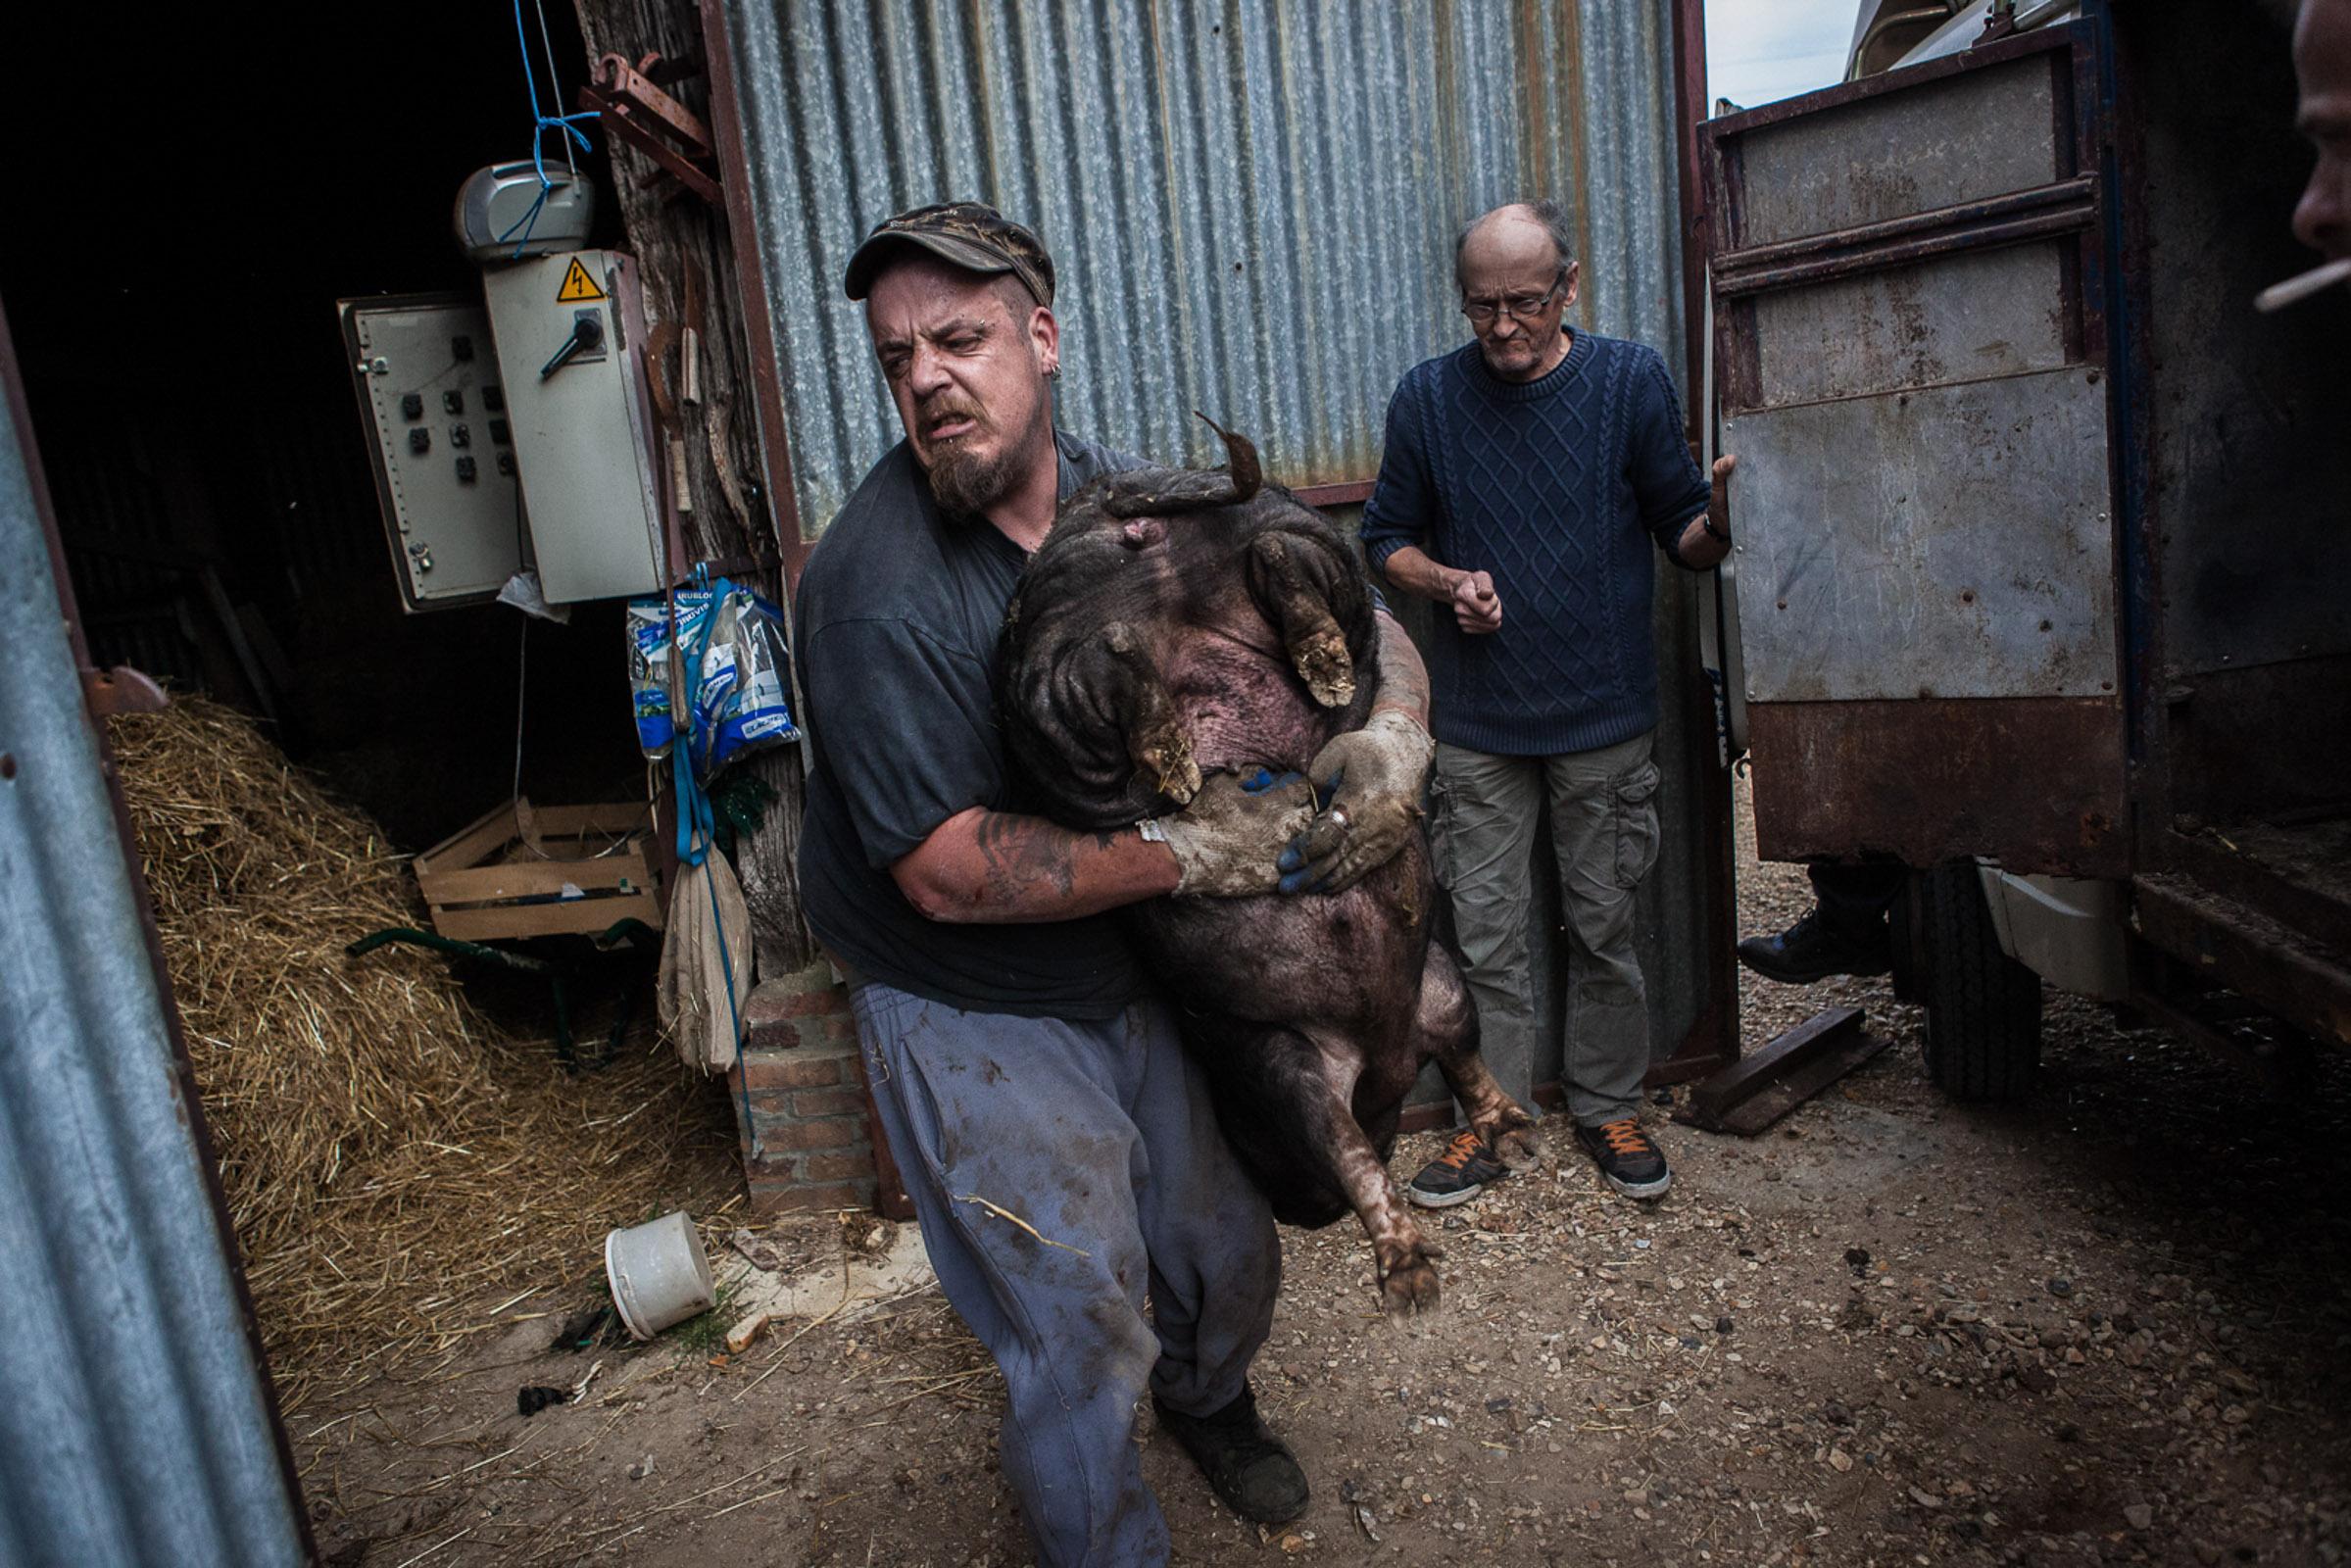 Villebeon, le 2 Avril 2014; Remy, dans le village depuis plus d'un an transporte les cochons offerts par une ferme voisine.  Villebeon, April 2, 2014; Remy has been living in the village for more than a year. He carries pigs offered by a nearby farm.